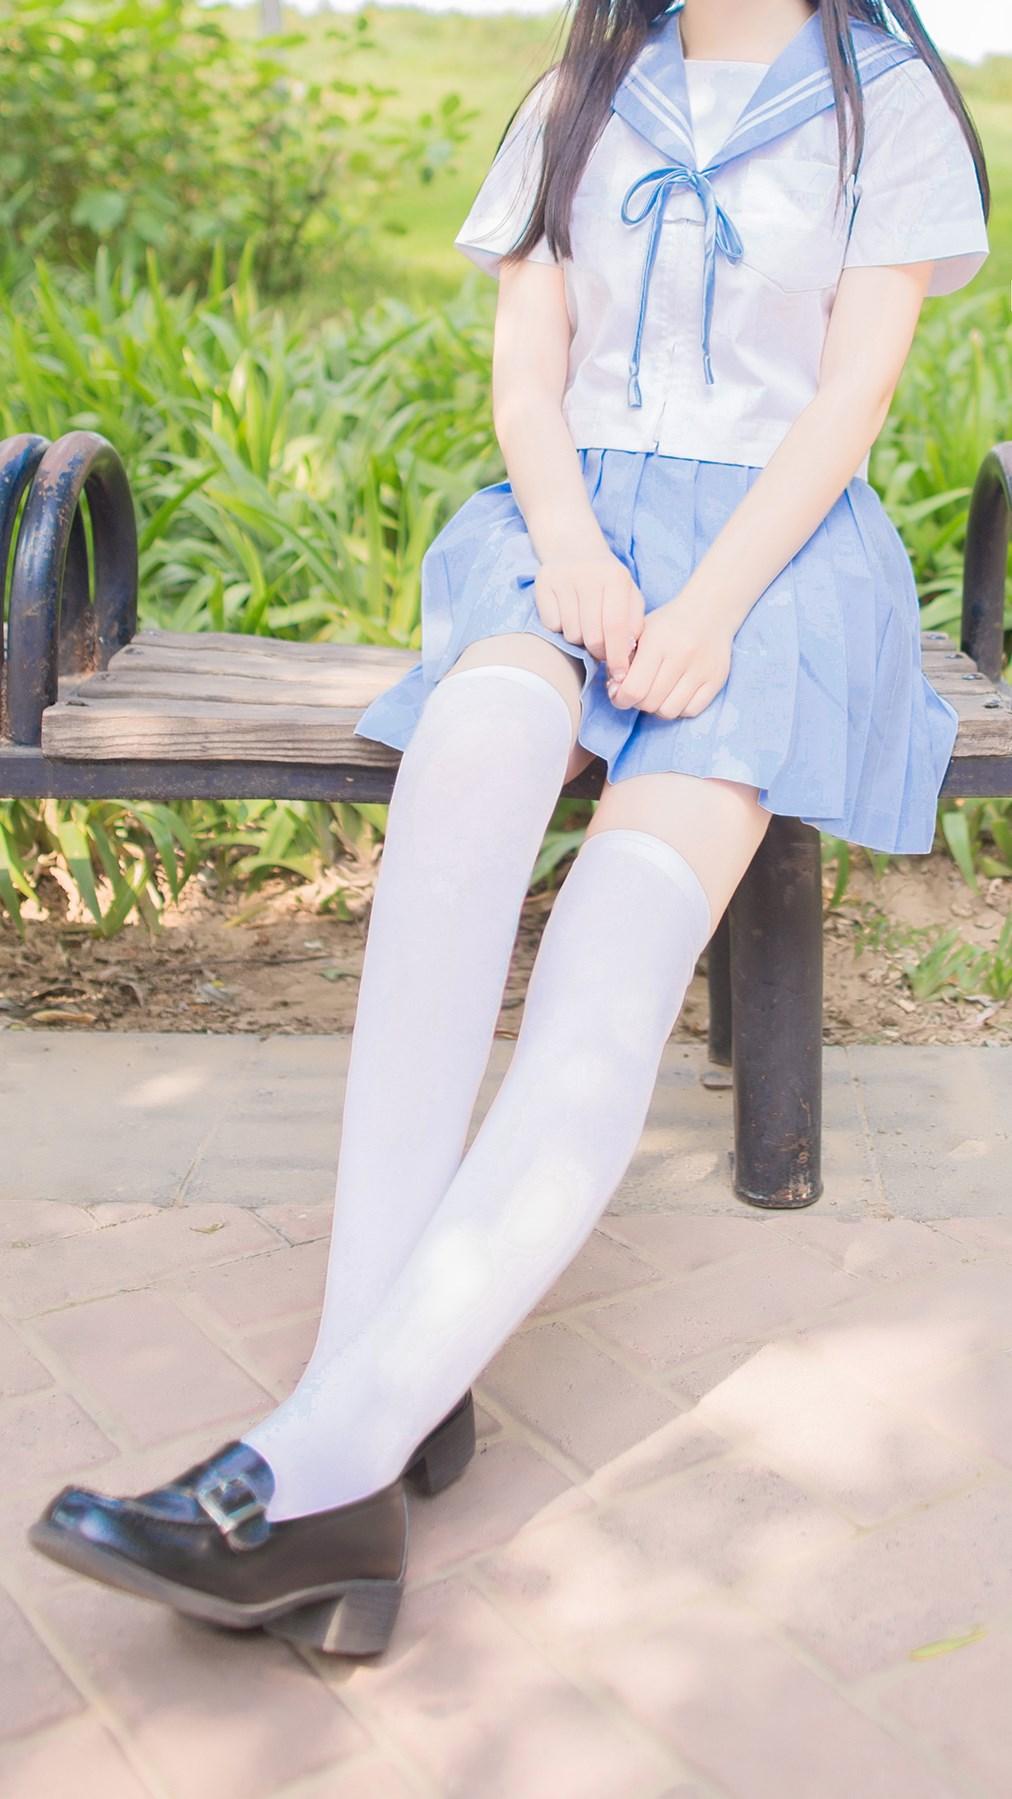 【兔玩映画】水手服 兔玩映画 第33张